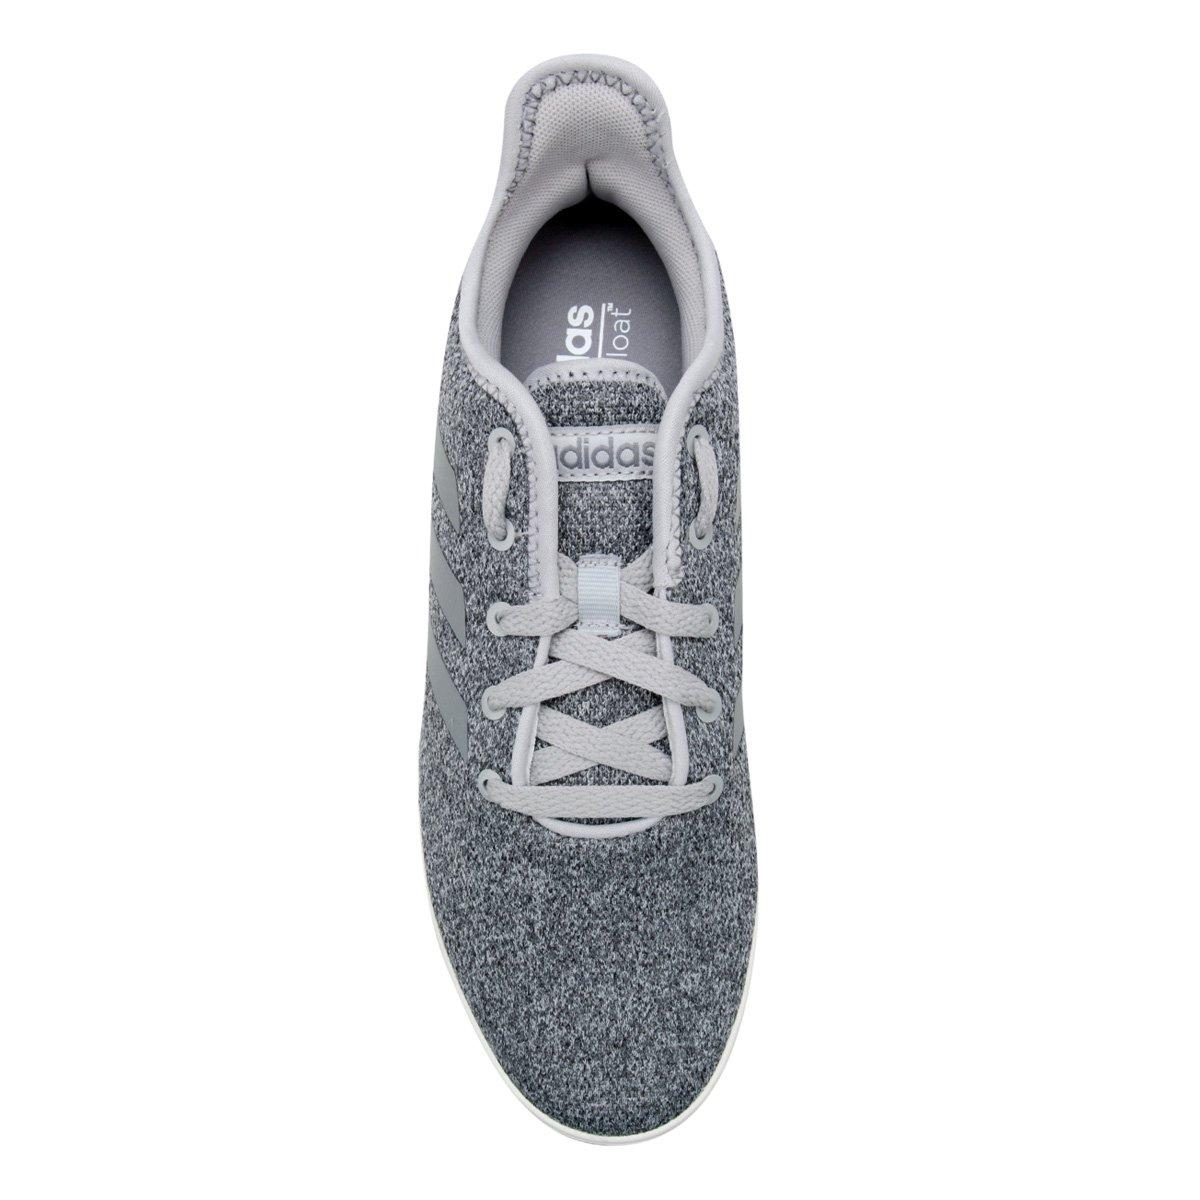 Tênis e Adidas Tênis Defy Adidas Cinza Adidas Cinza Branco Defy Branco e Tênis Masculino Masculino Masculino Defy pwq5RA5